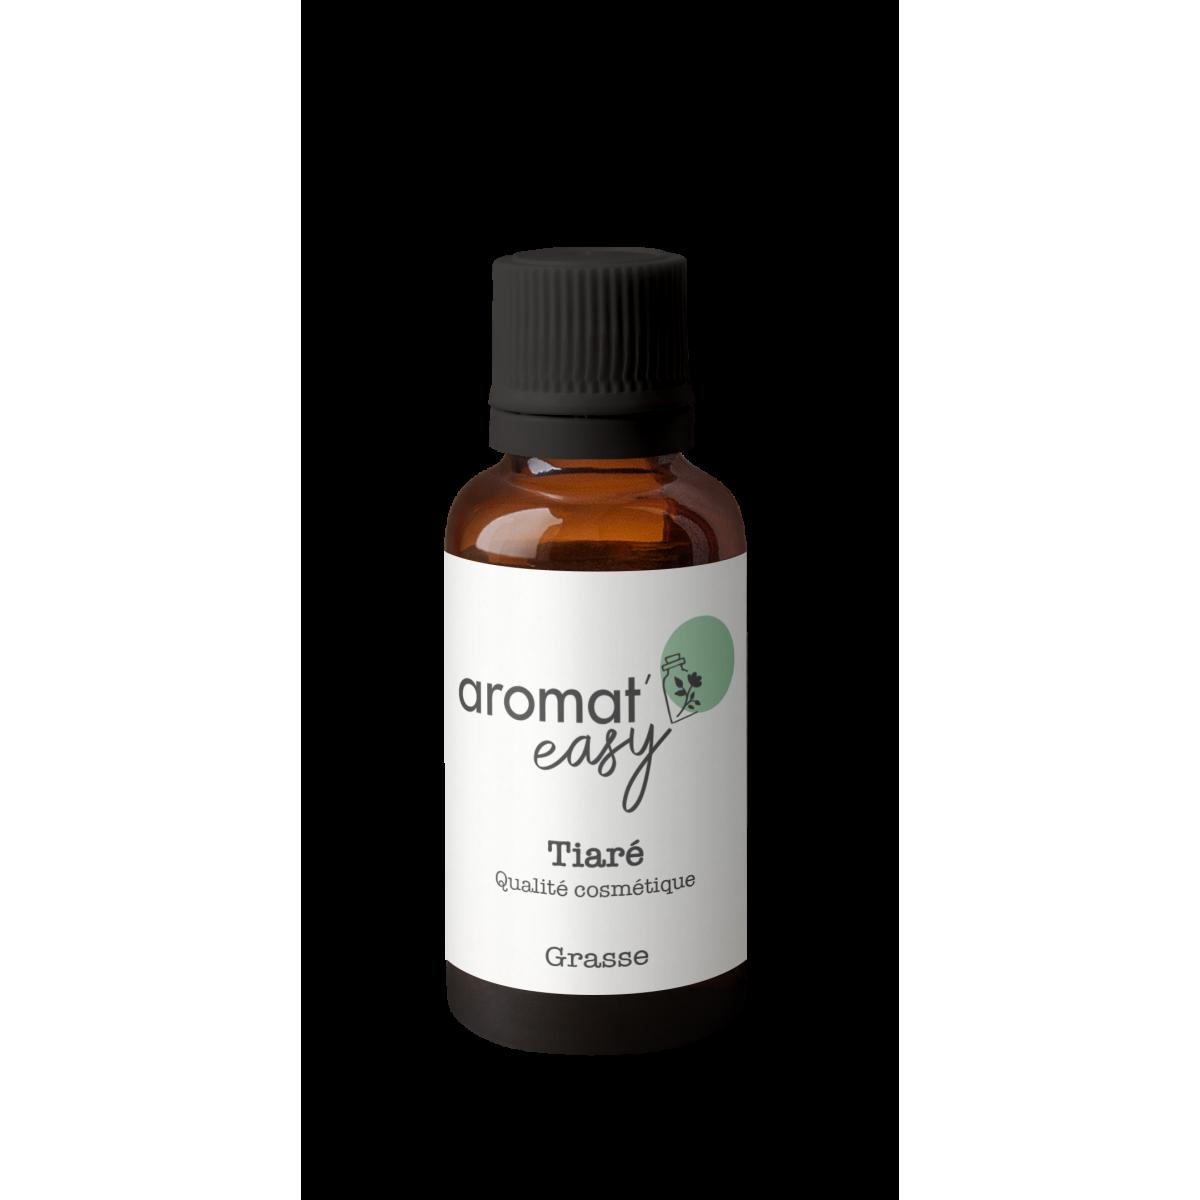 Fragrance Tiaré (Grasse)